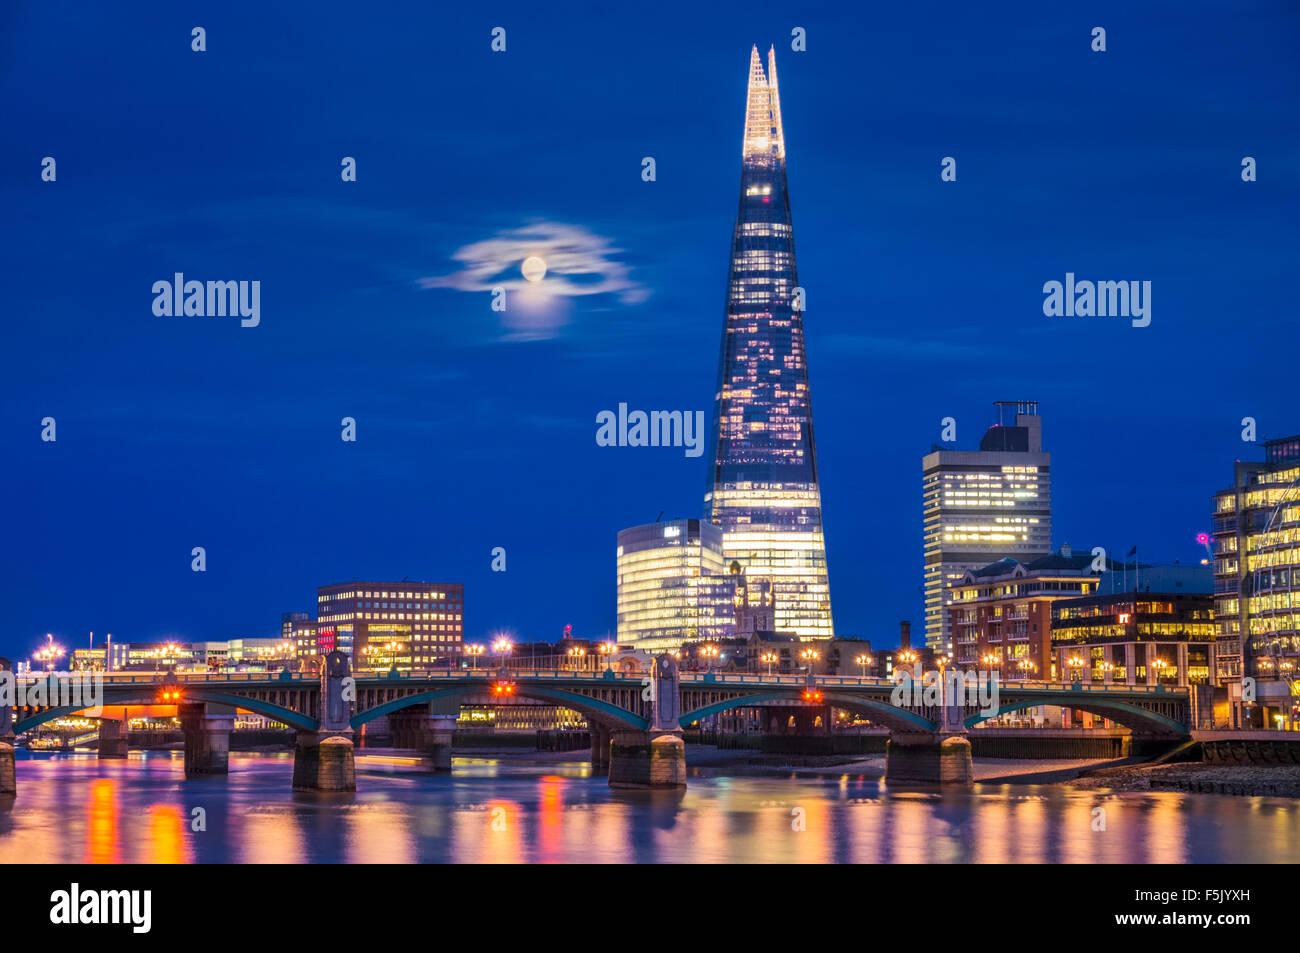 Die Scherbe und Skyline bei Nacht Sonnenuntergang Stadt der London South Bank Southwark London England UK GB EU Stockbild